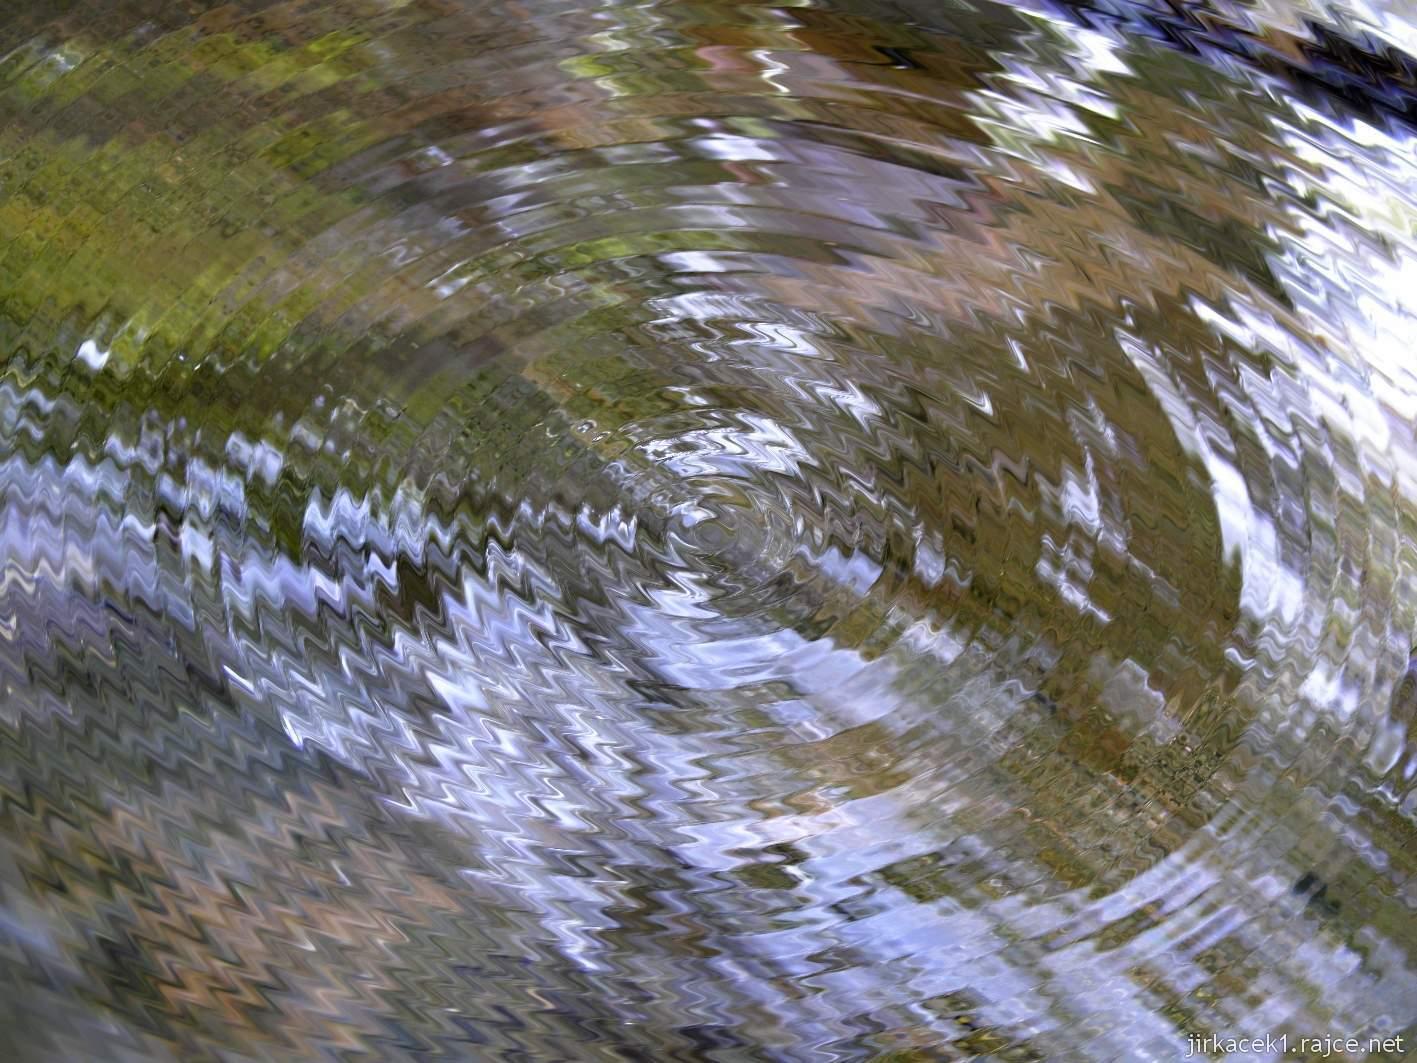 Bělá - Priessnitzovy přírodní lázně 07 - léčivá voda - detail